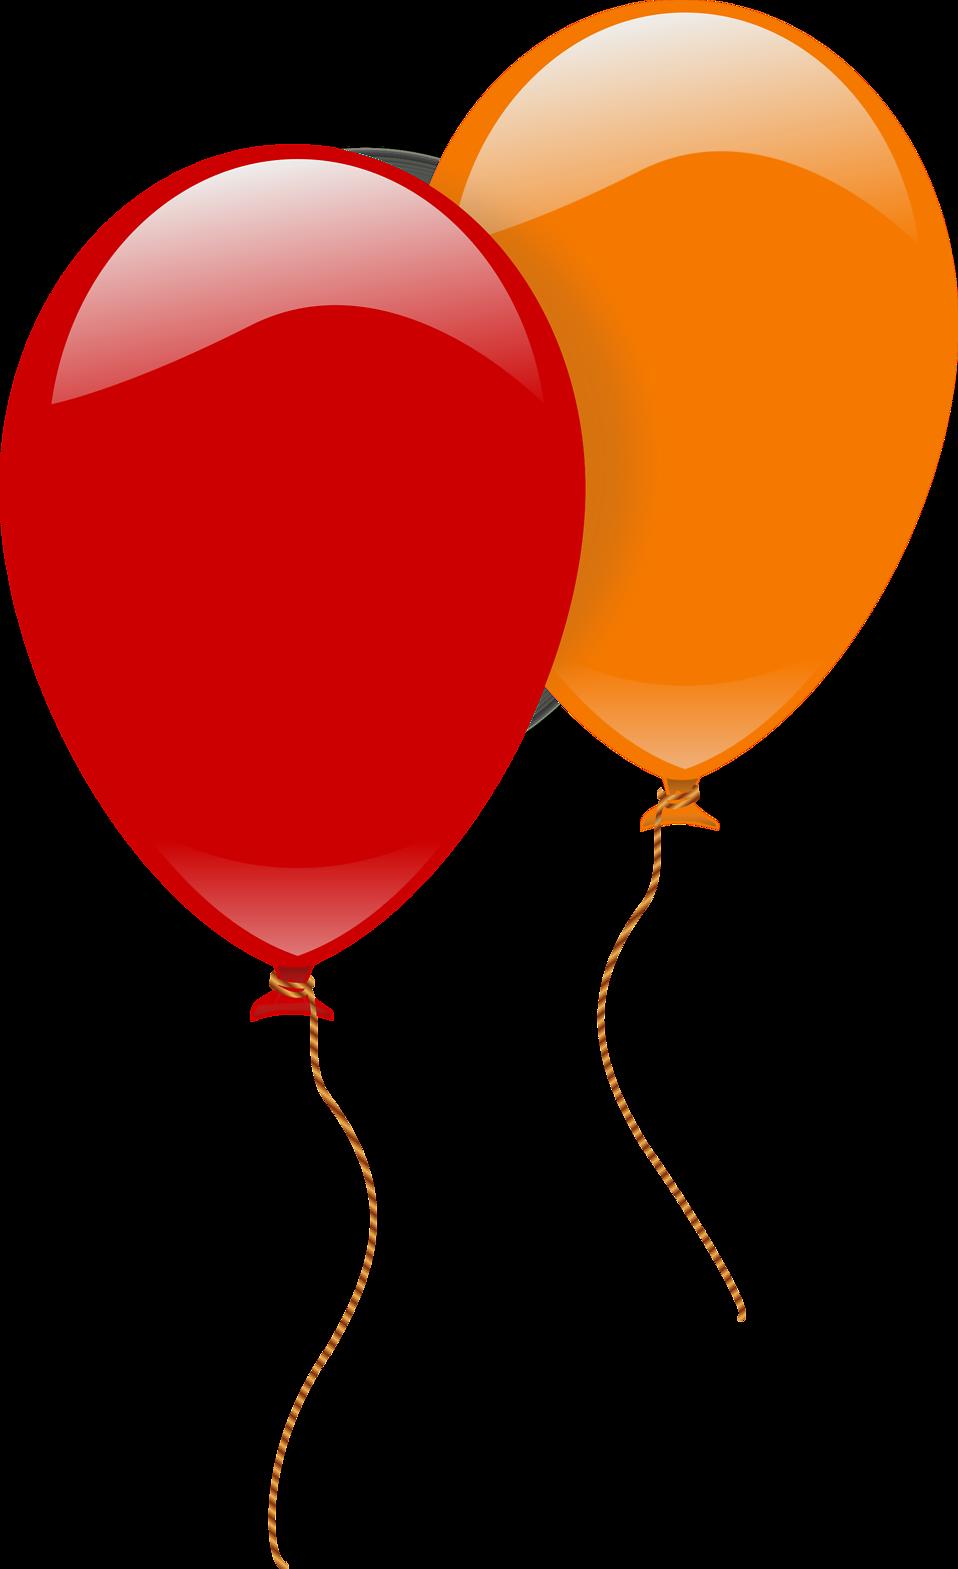 Orange clipart balloon, Orange balloon Transparent FREE for.